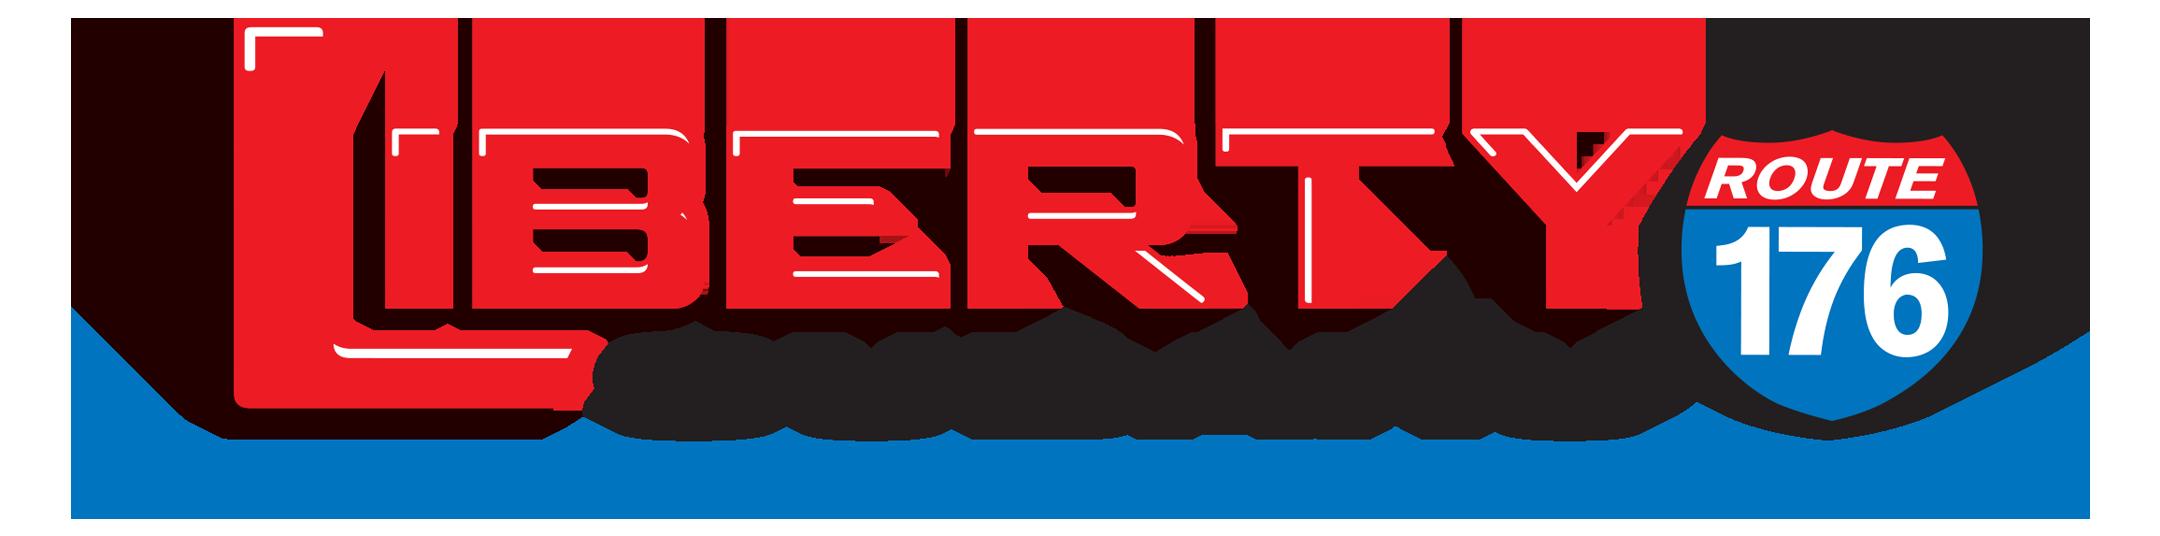 Liberty Auto City Subaru